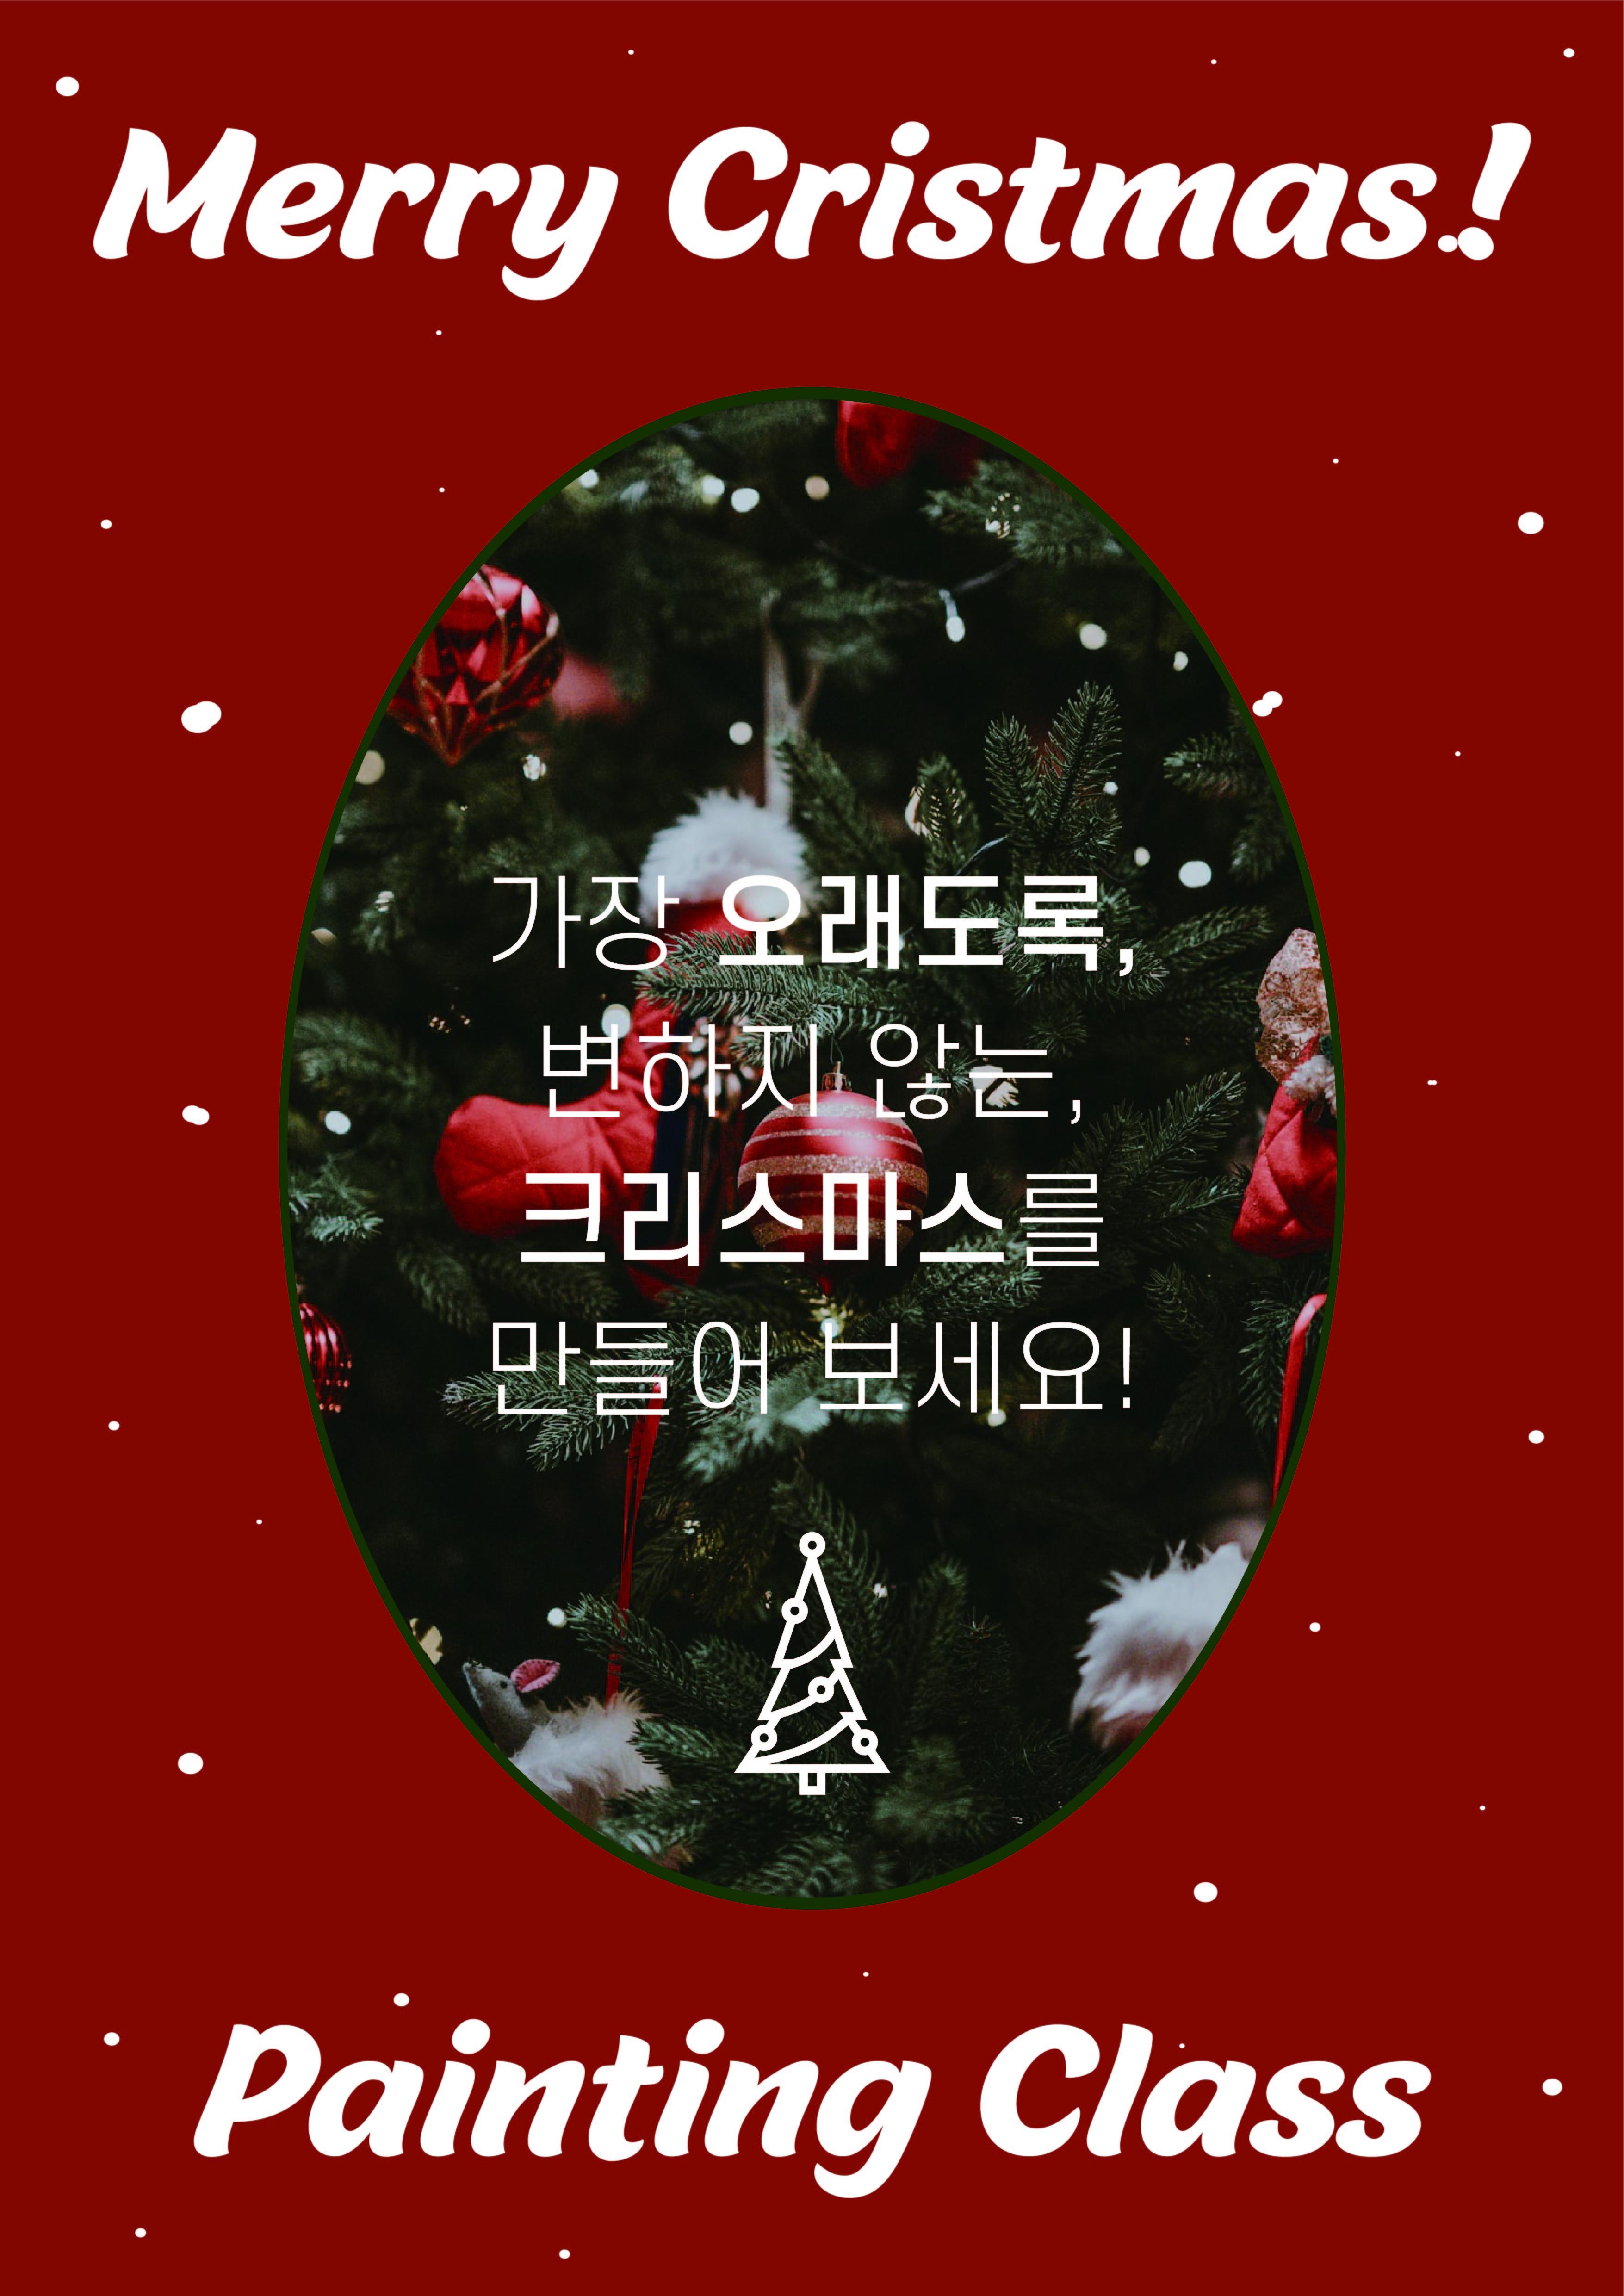 패브릭트리 페인팅 클래스 - 12/12(토) 11~13시 타임